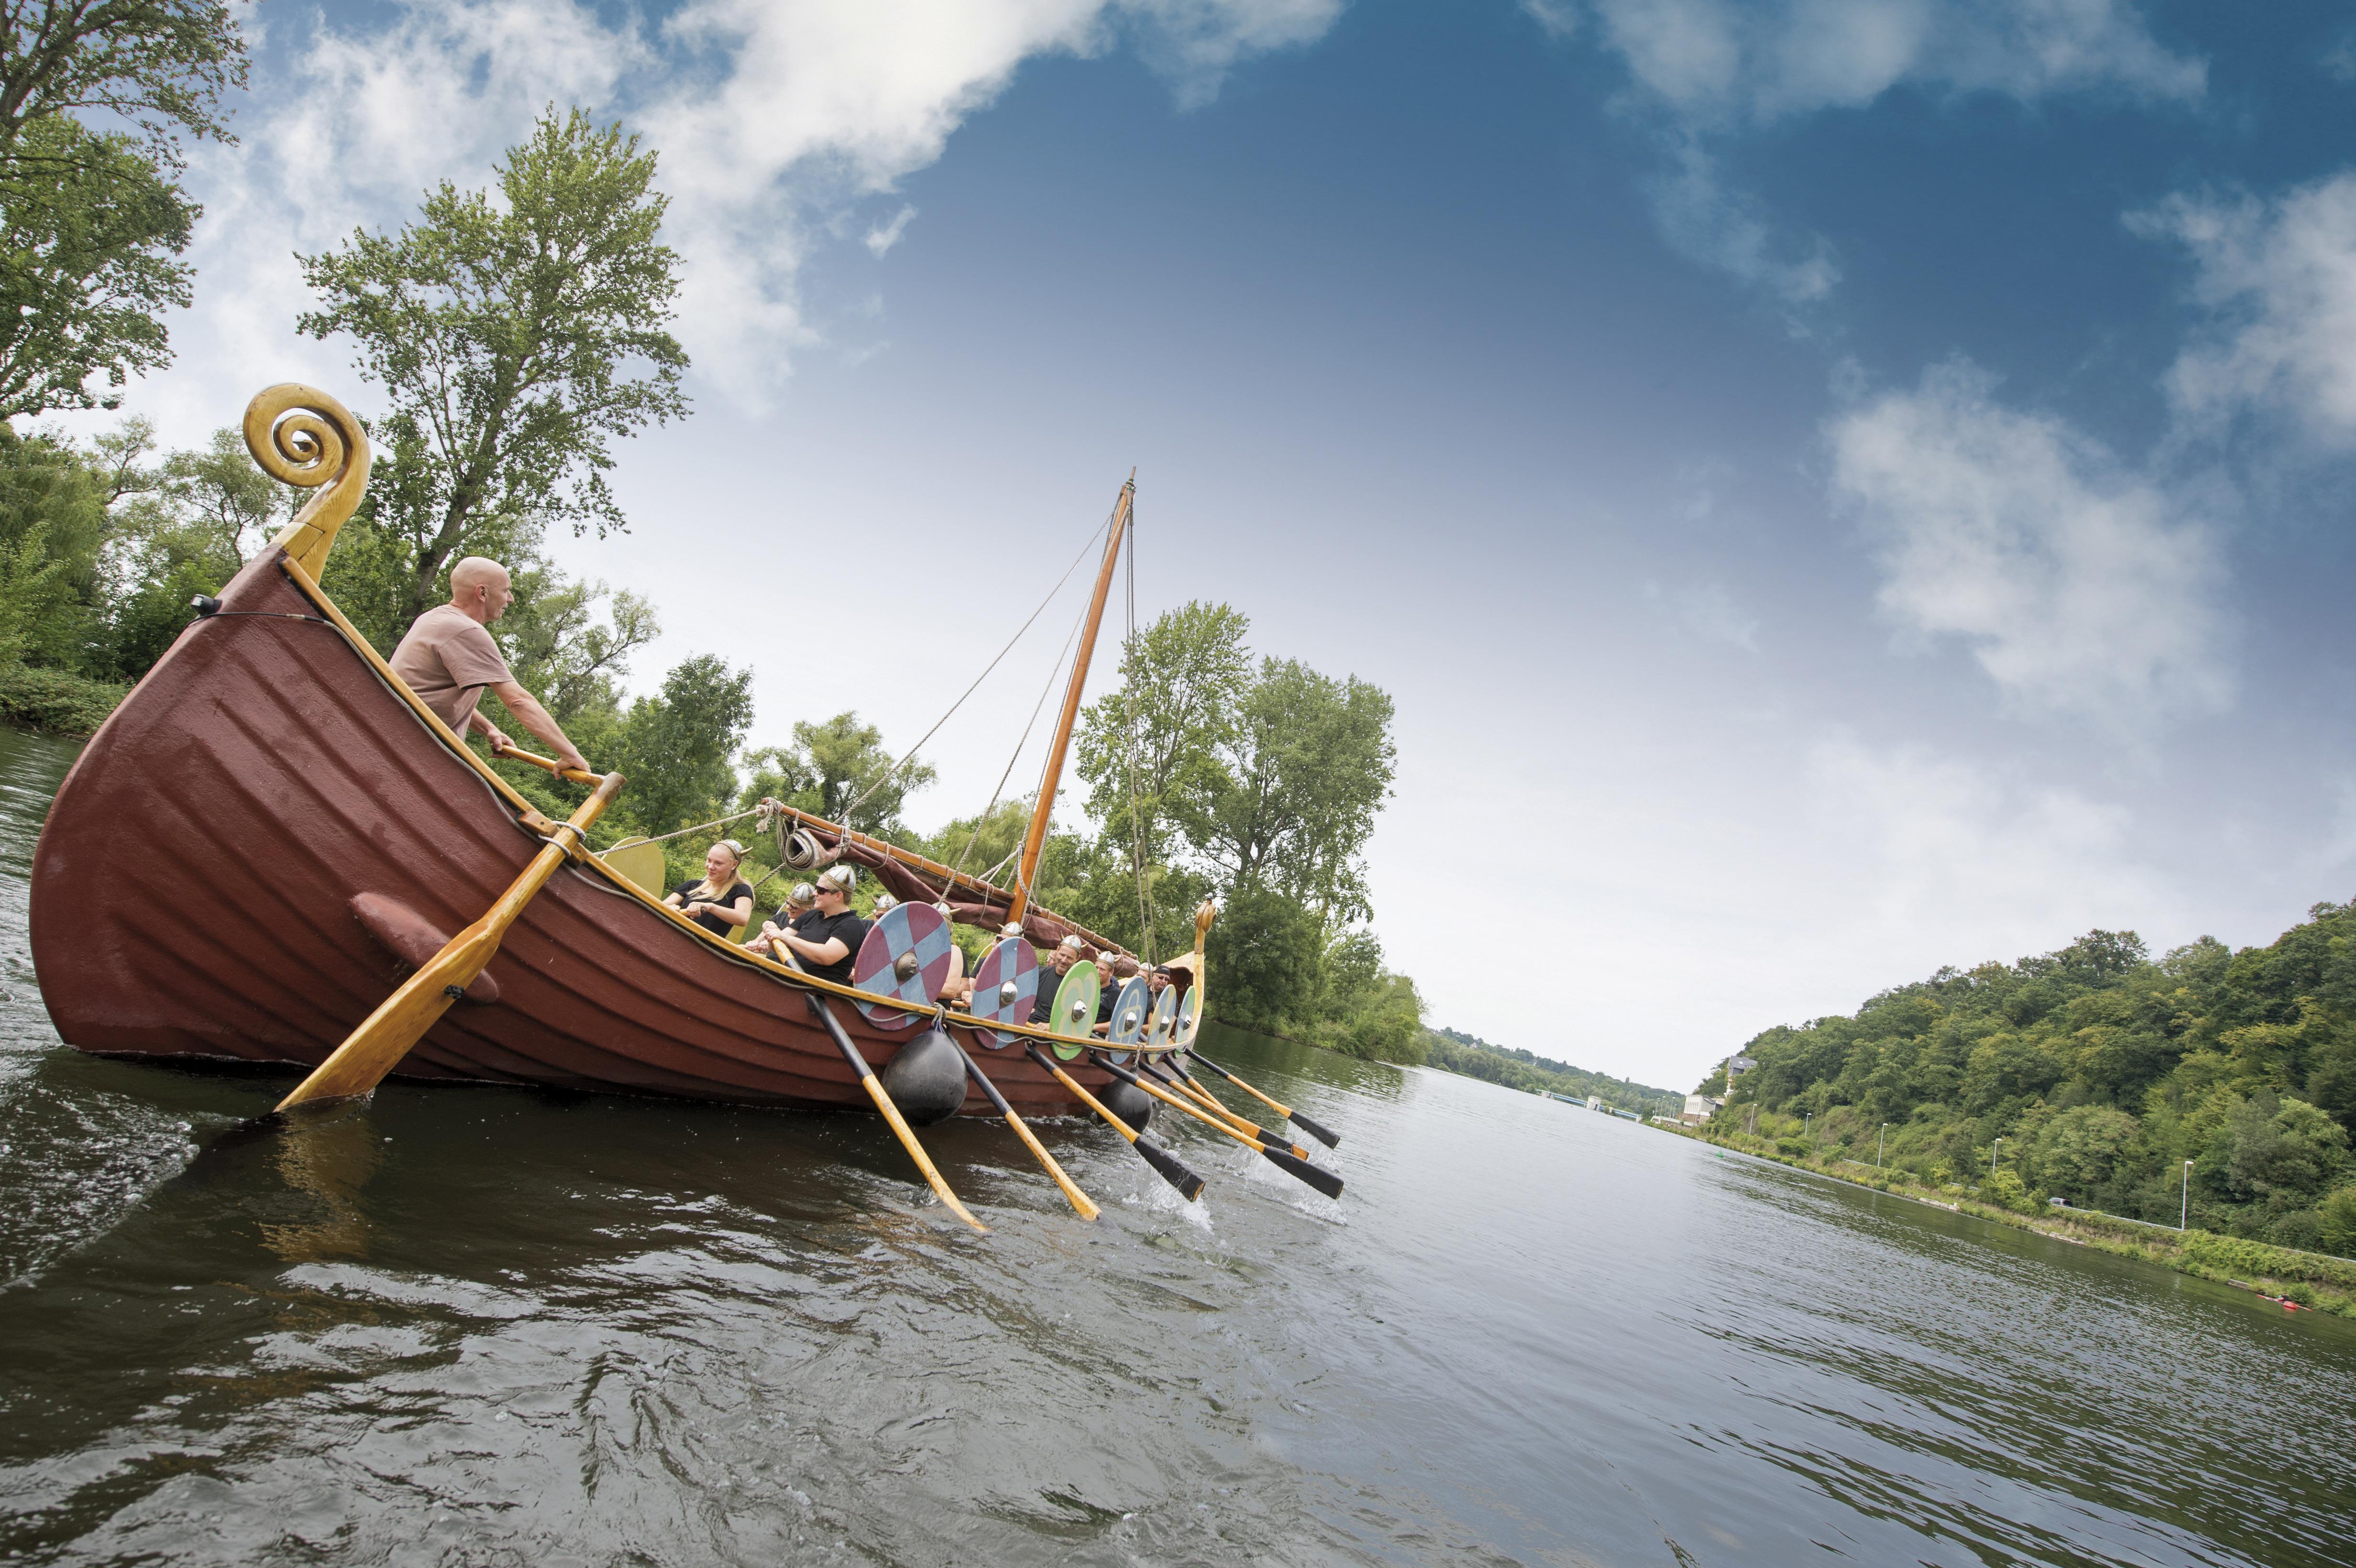 MüWi heißt das Wikingerschiff, mit dem die Ruhr rund um Mülheim erobert werden kann, © Andreas Köhring / MST GmbH